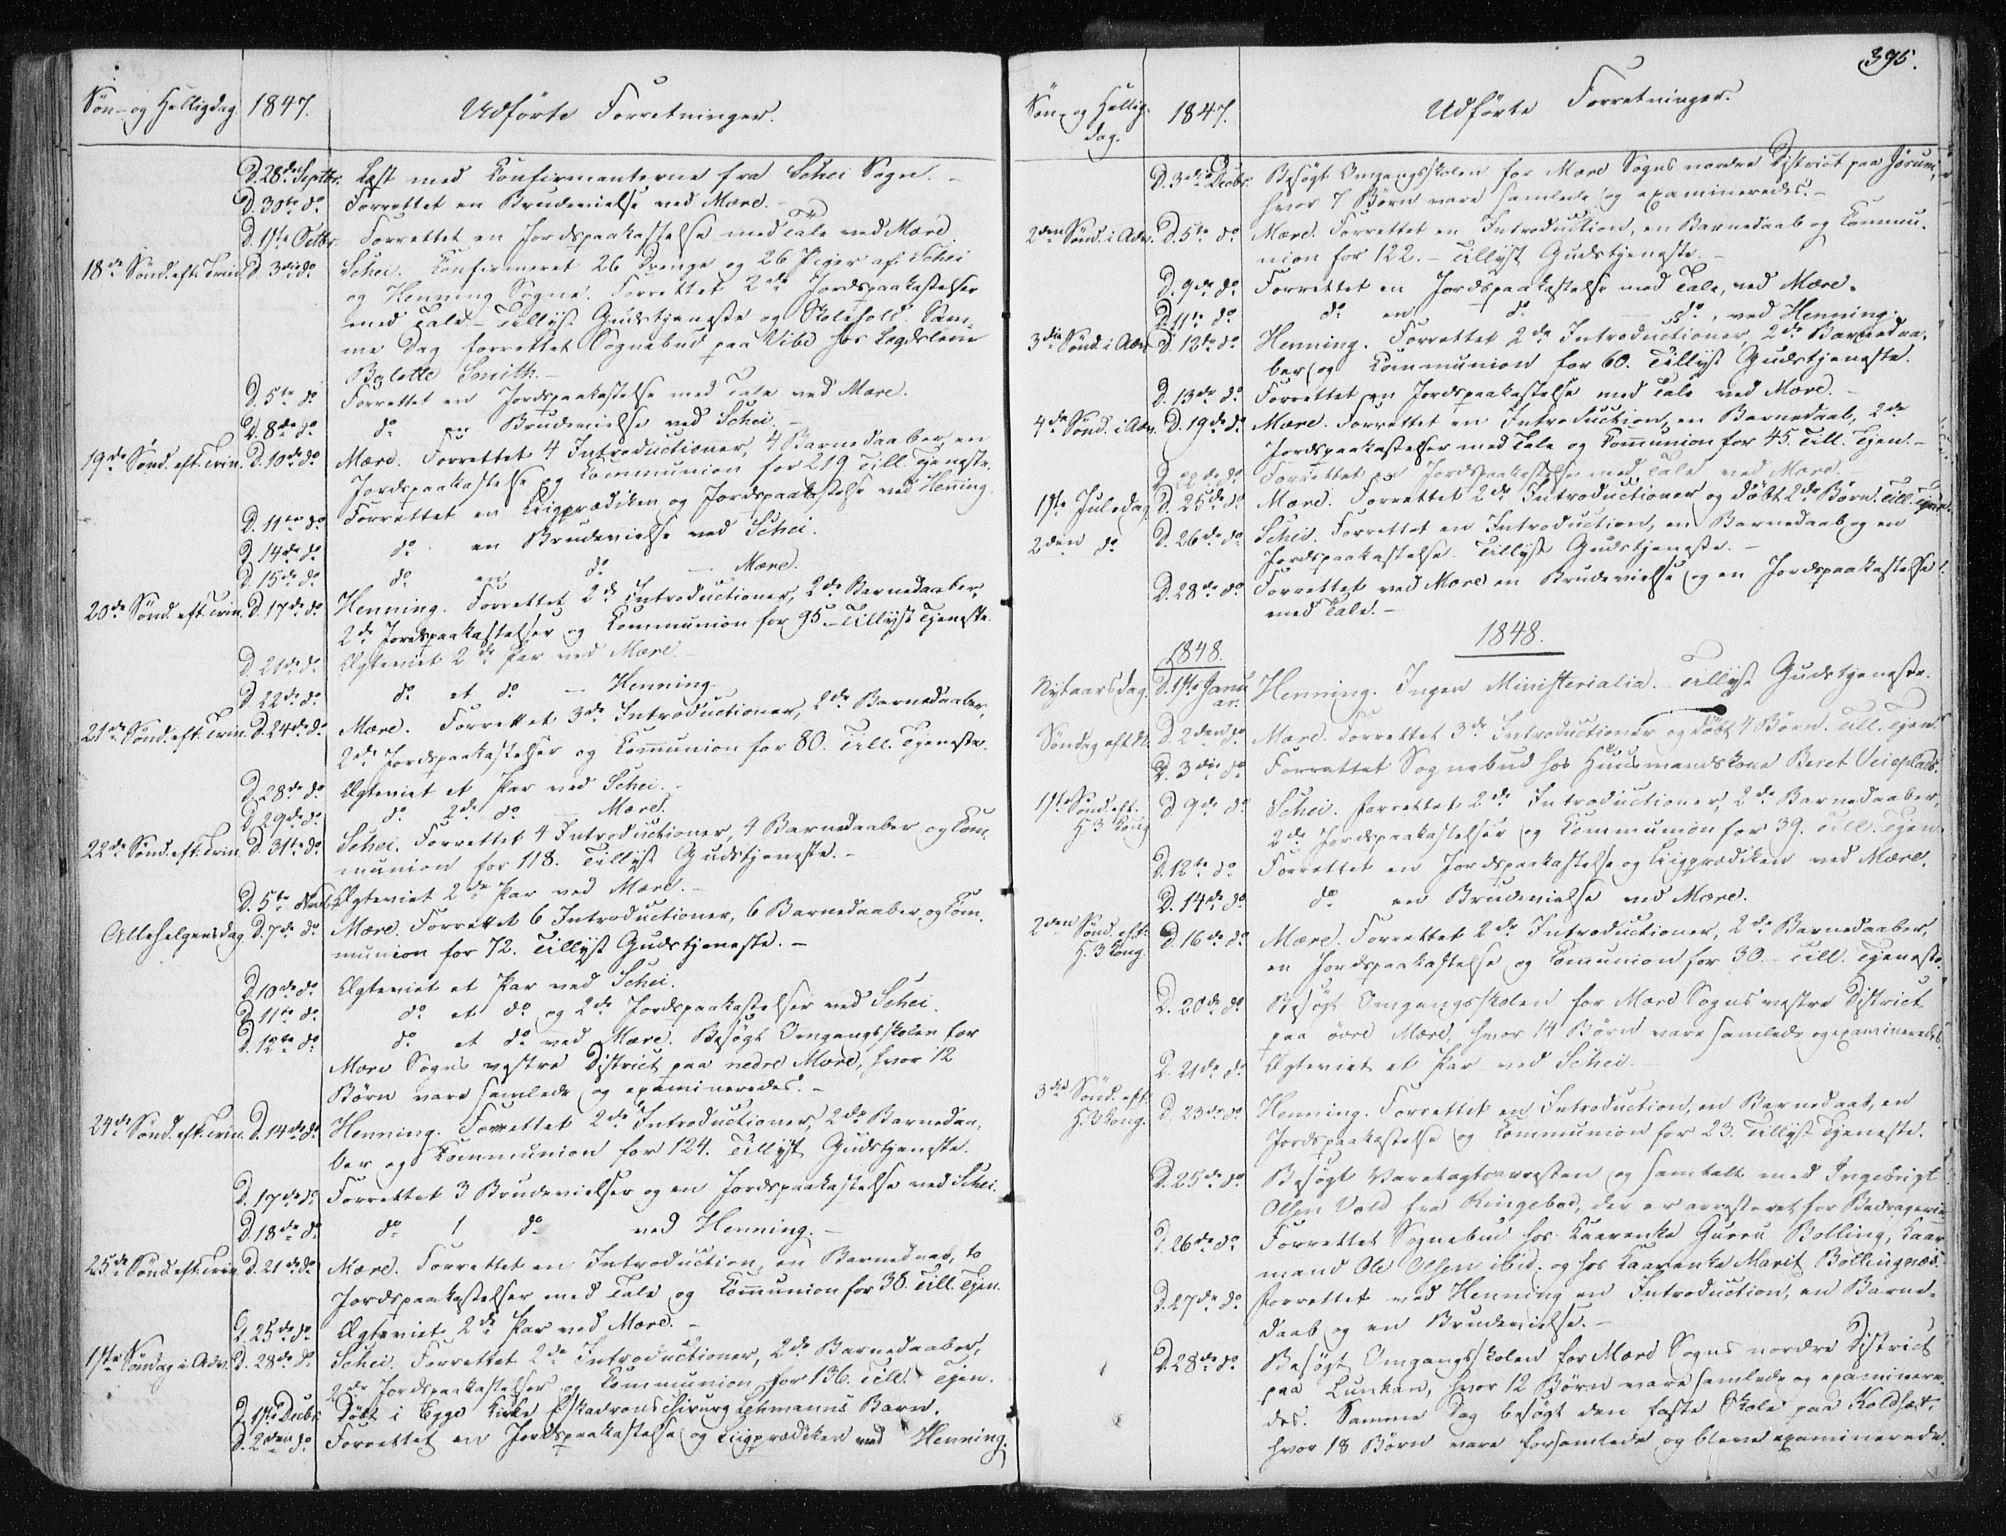 SAT, Ministerialprotokoller, klokkerbøker og fødselsregistre - Nord-Trøndelag, 735/L0339: Ministerialbok nr. 735A06 /1, 1836-1848, s. 395